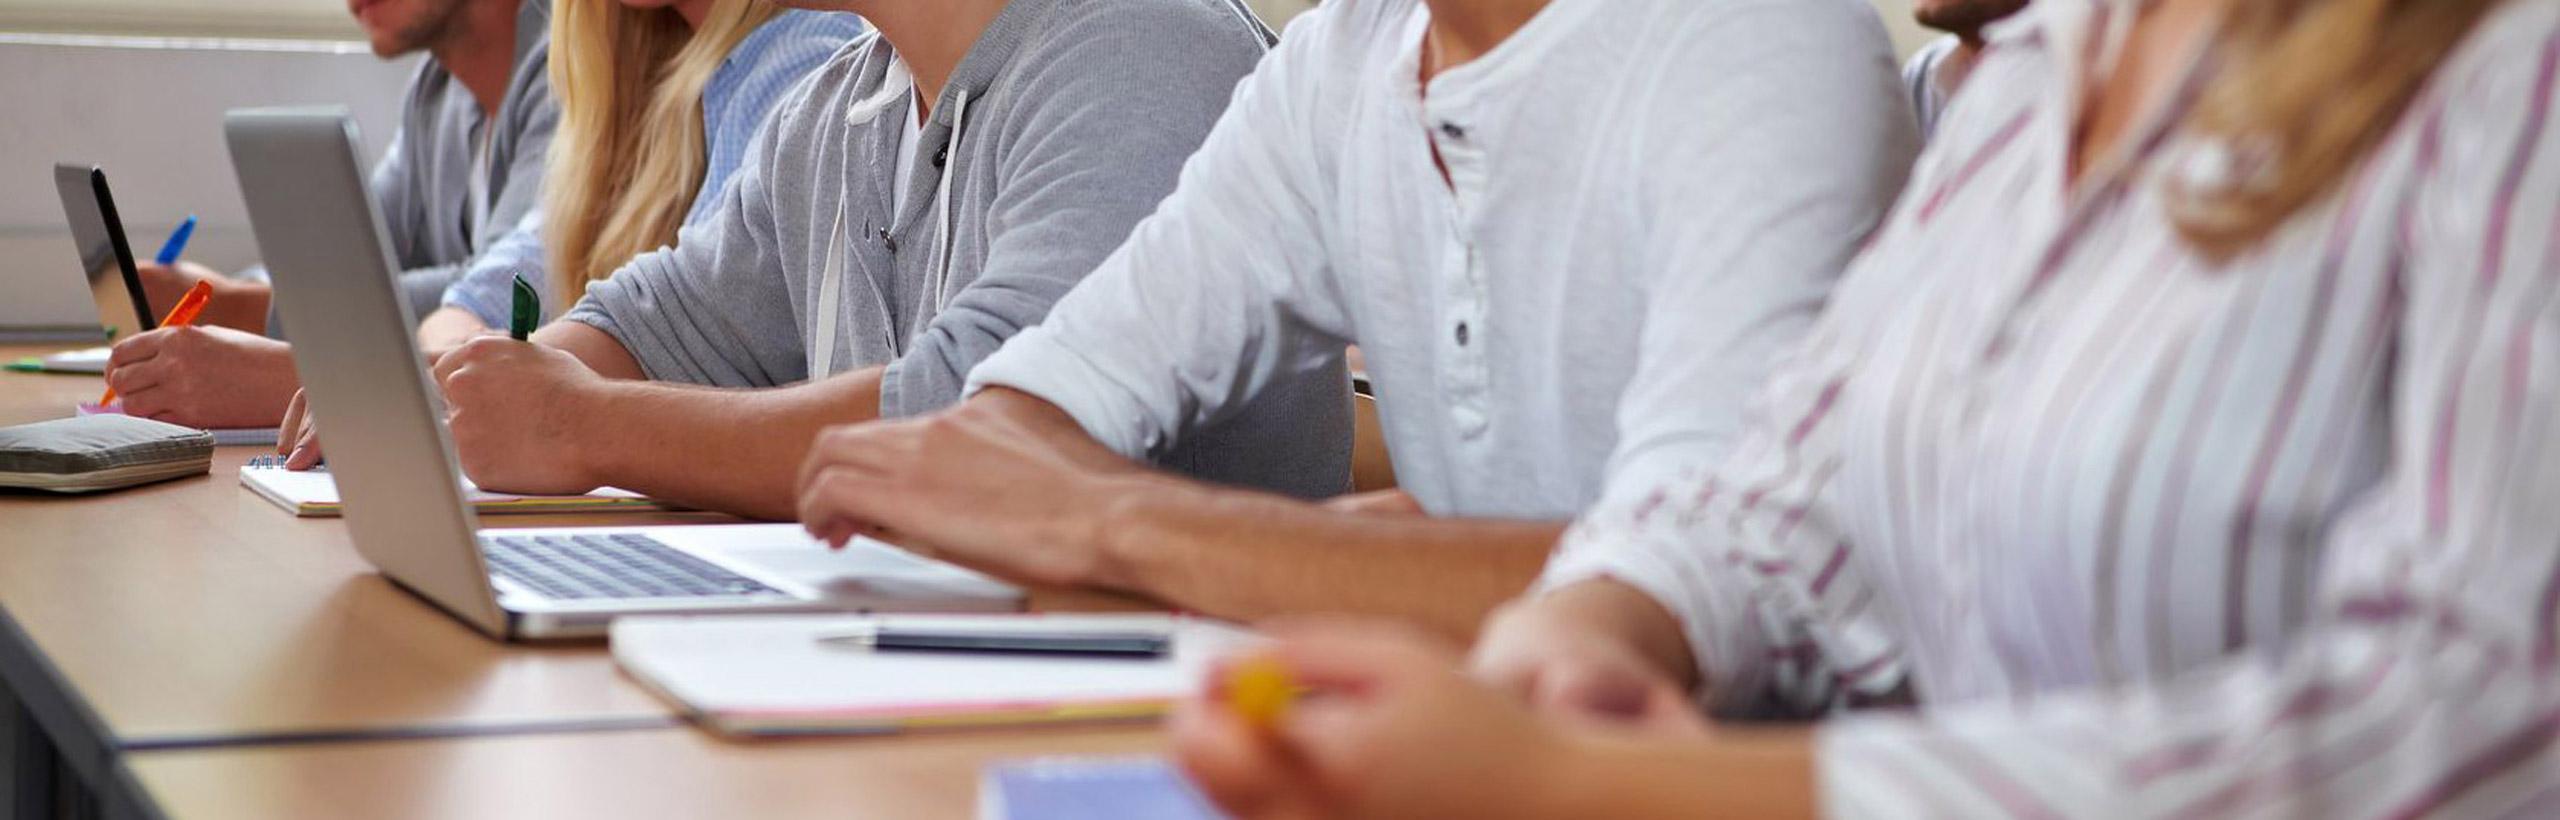 Formación universitaria, escuelas de negocios, formación de profesionales, programas educativos y aprendizaje de idiomas.